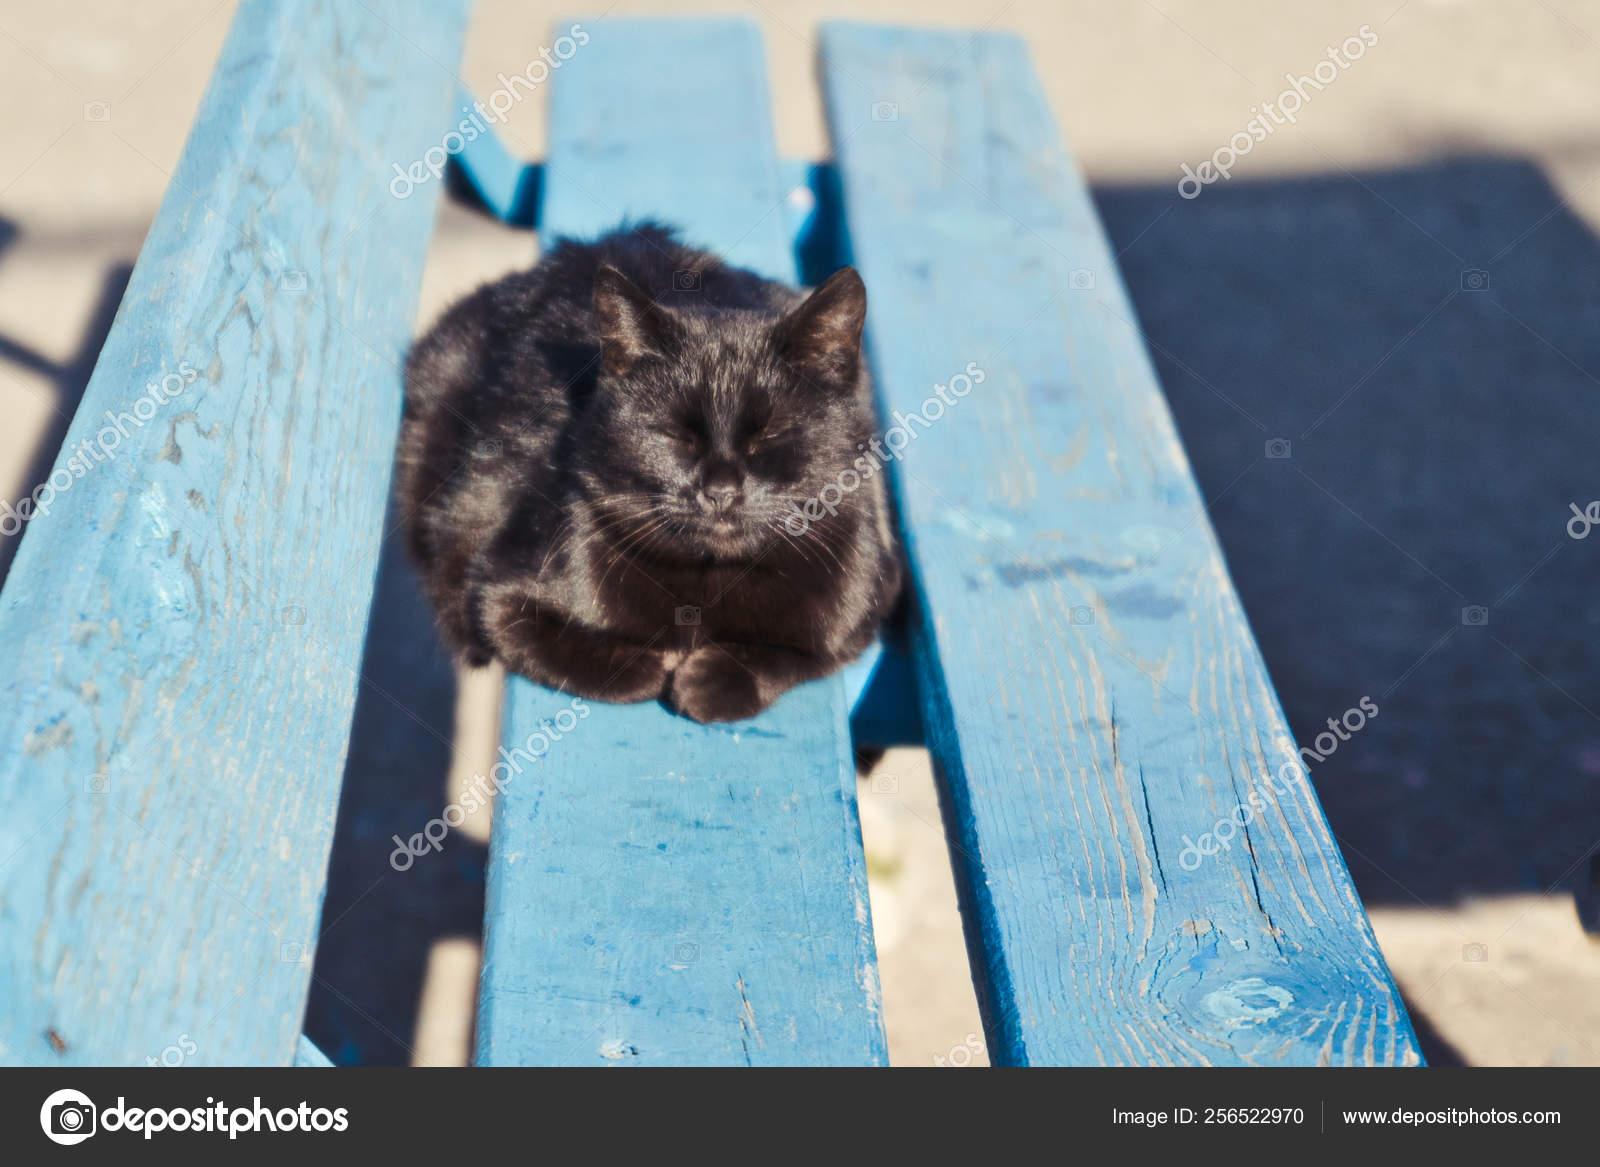 černé péro a kočička obrázky mladé čerstvé kočička fotky